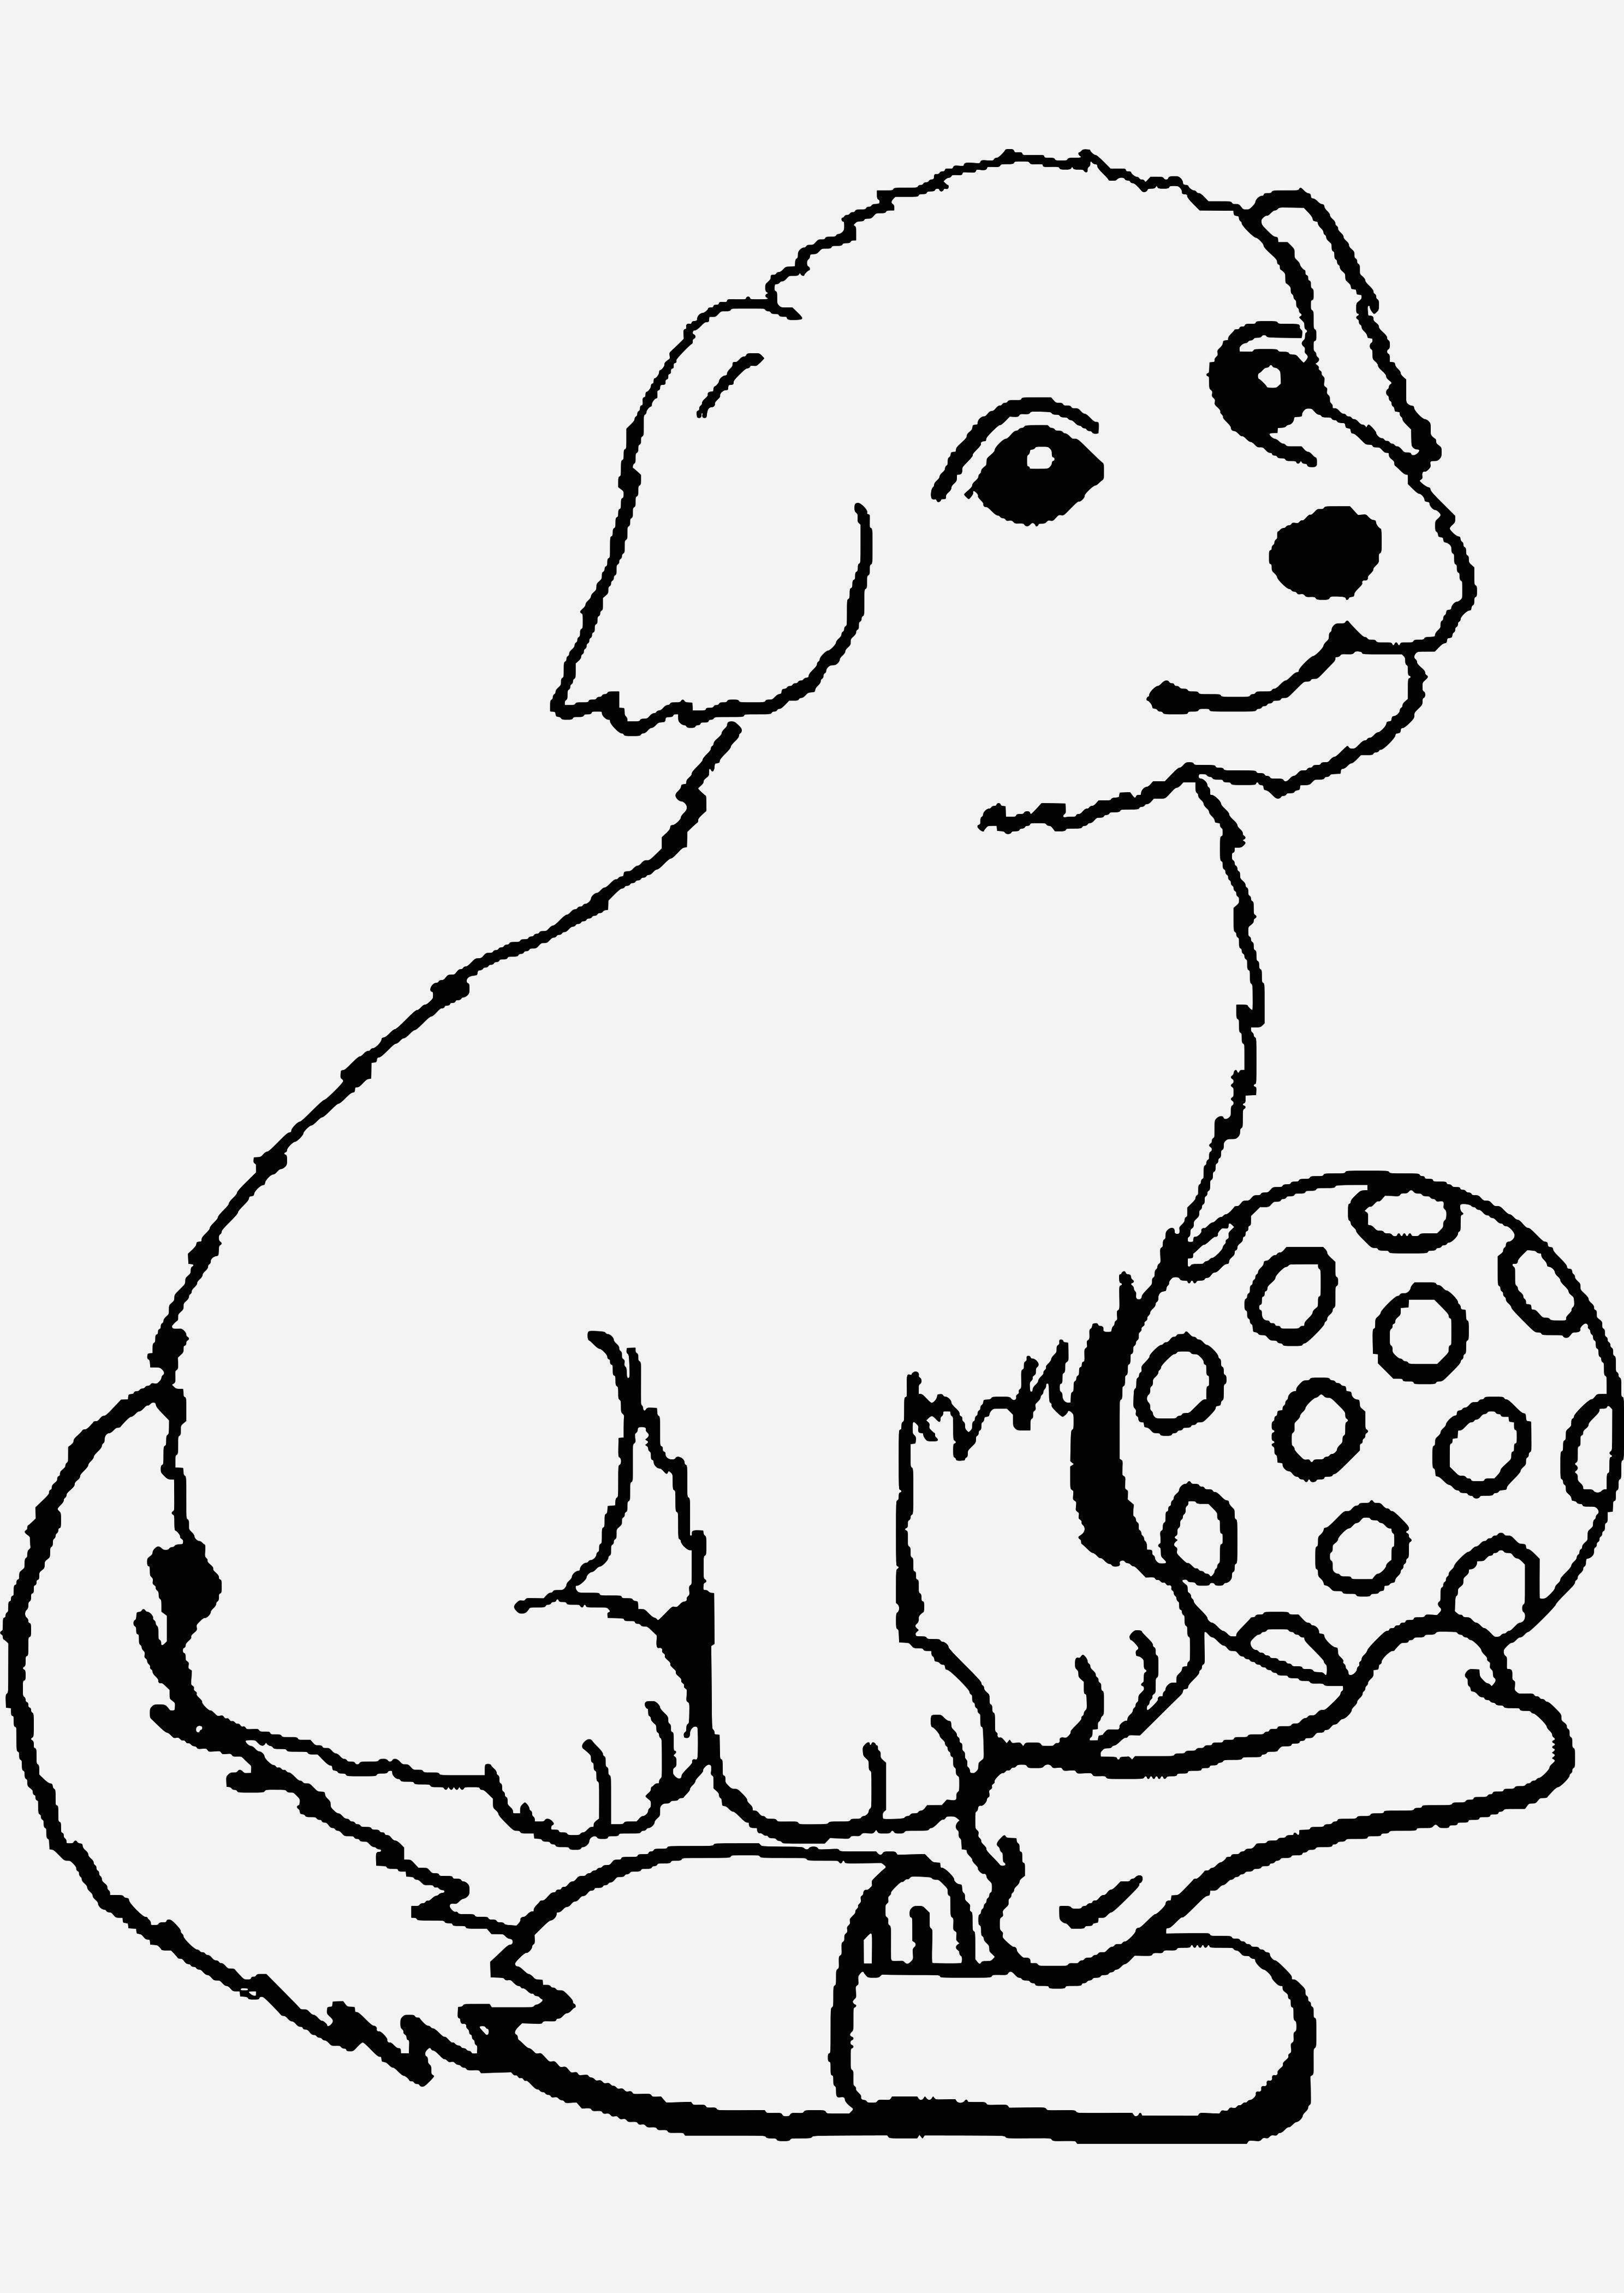 Ausmalbilder Hunde Und Katzen Einzigartig Beispielbilder Färben Ausmalbilder Hund Und Hase Galerie